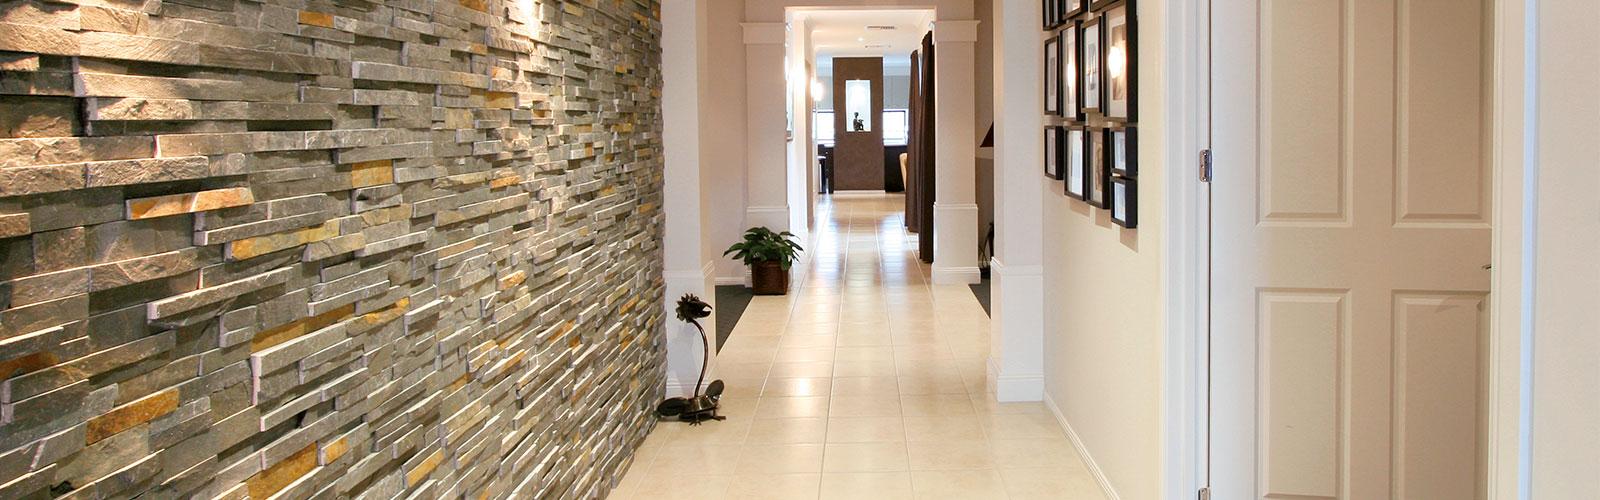 wandgestaltung natursteinverblender und putze von f b fliesen baustoffmarkt. Black Bedroom Furniture Sets. Home Design Ideas